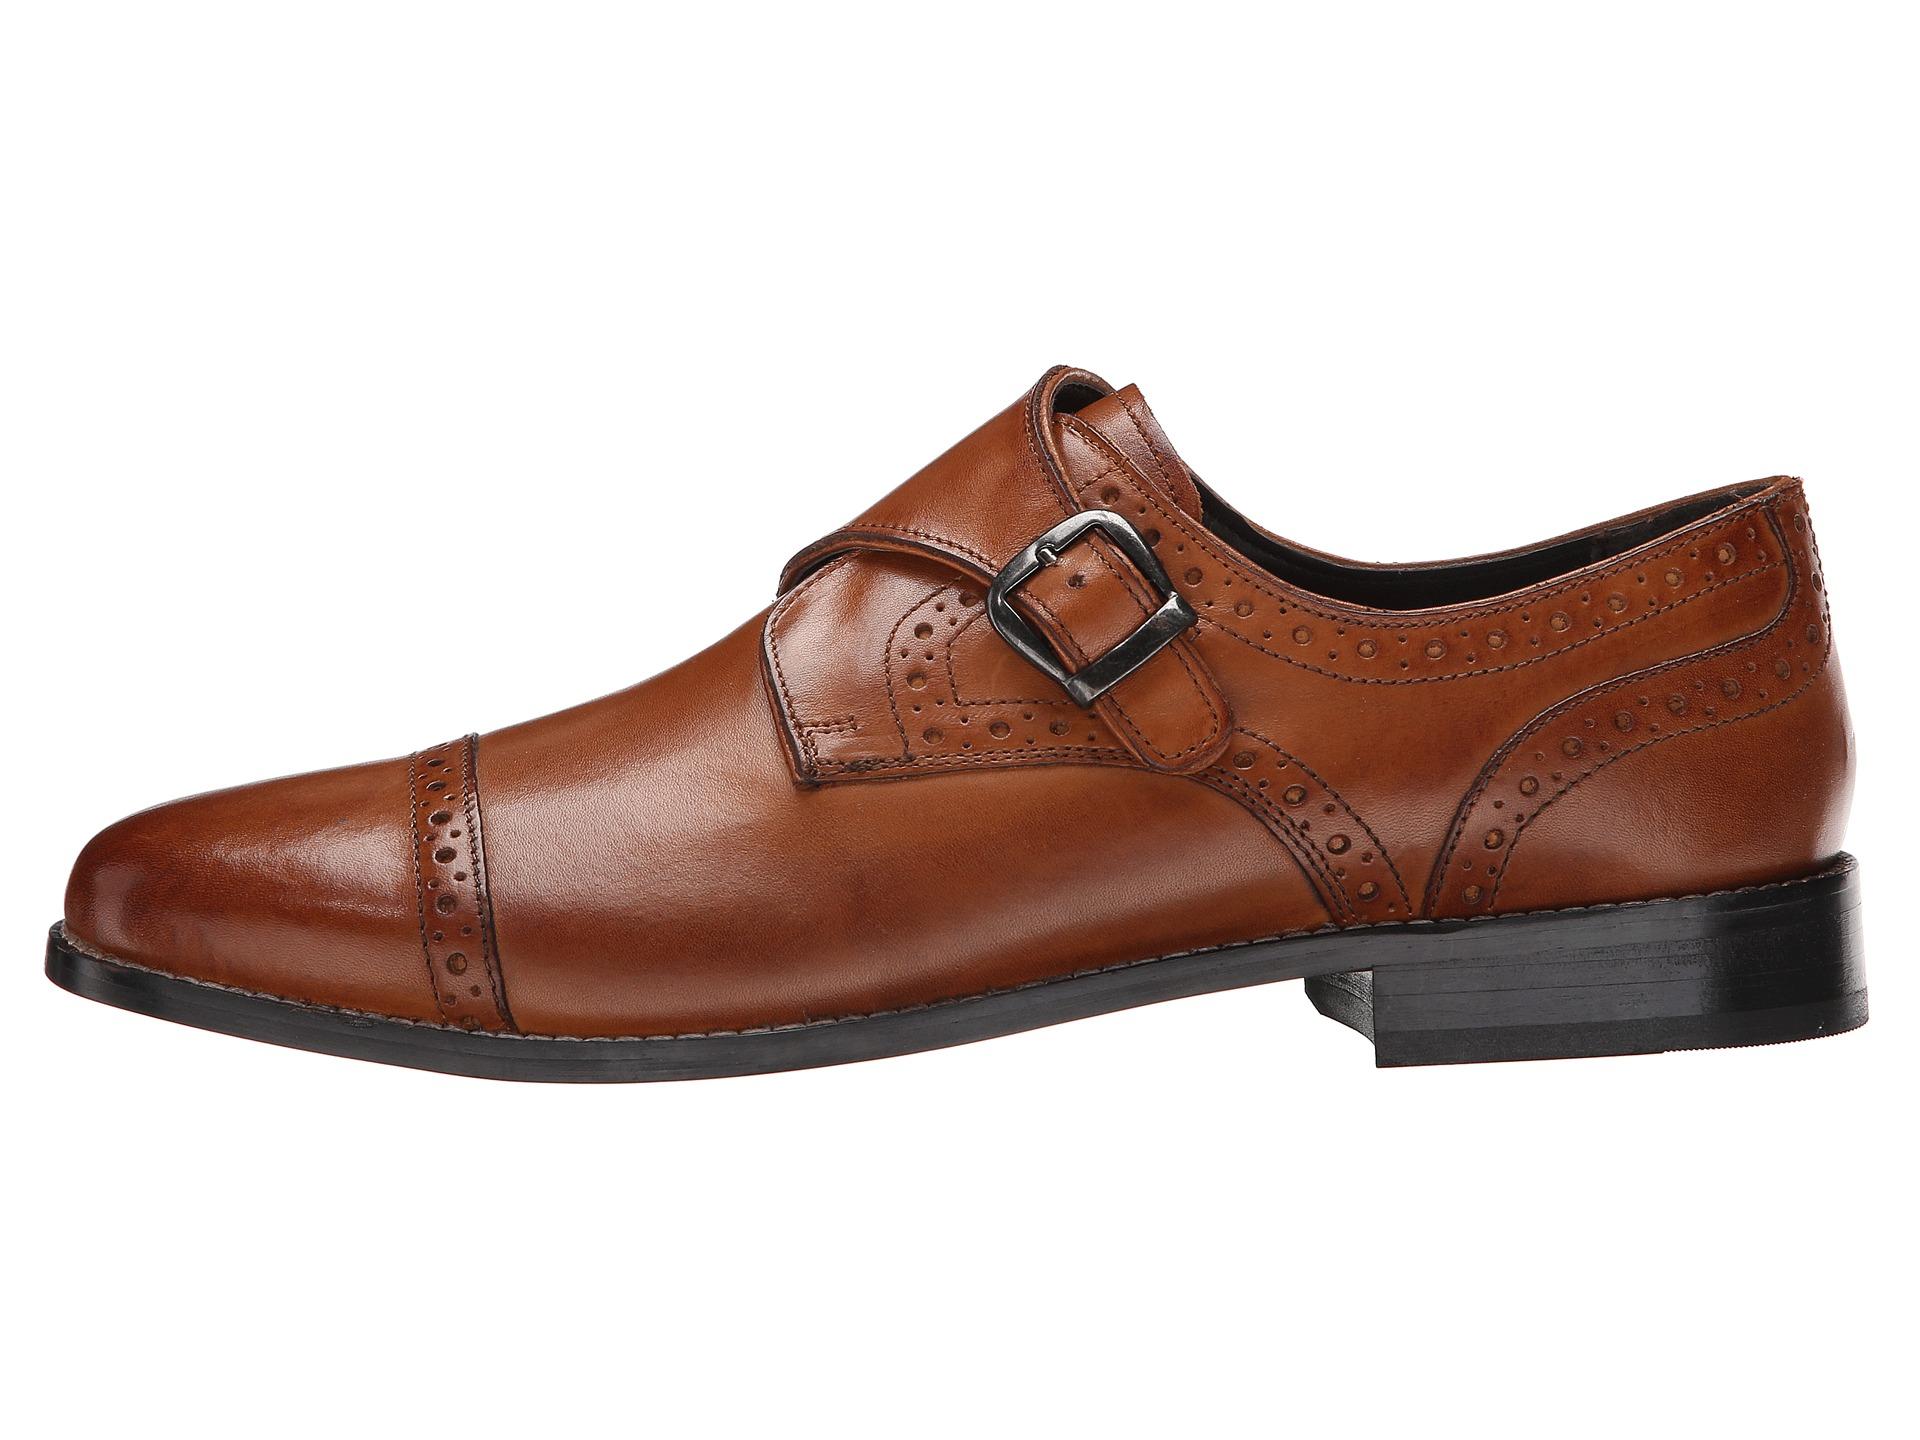 Nunn Bush Monk Strap Shoes On Sale